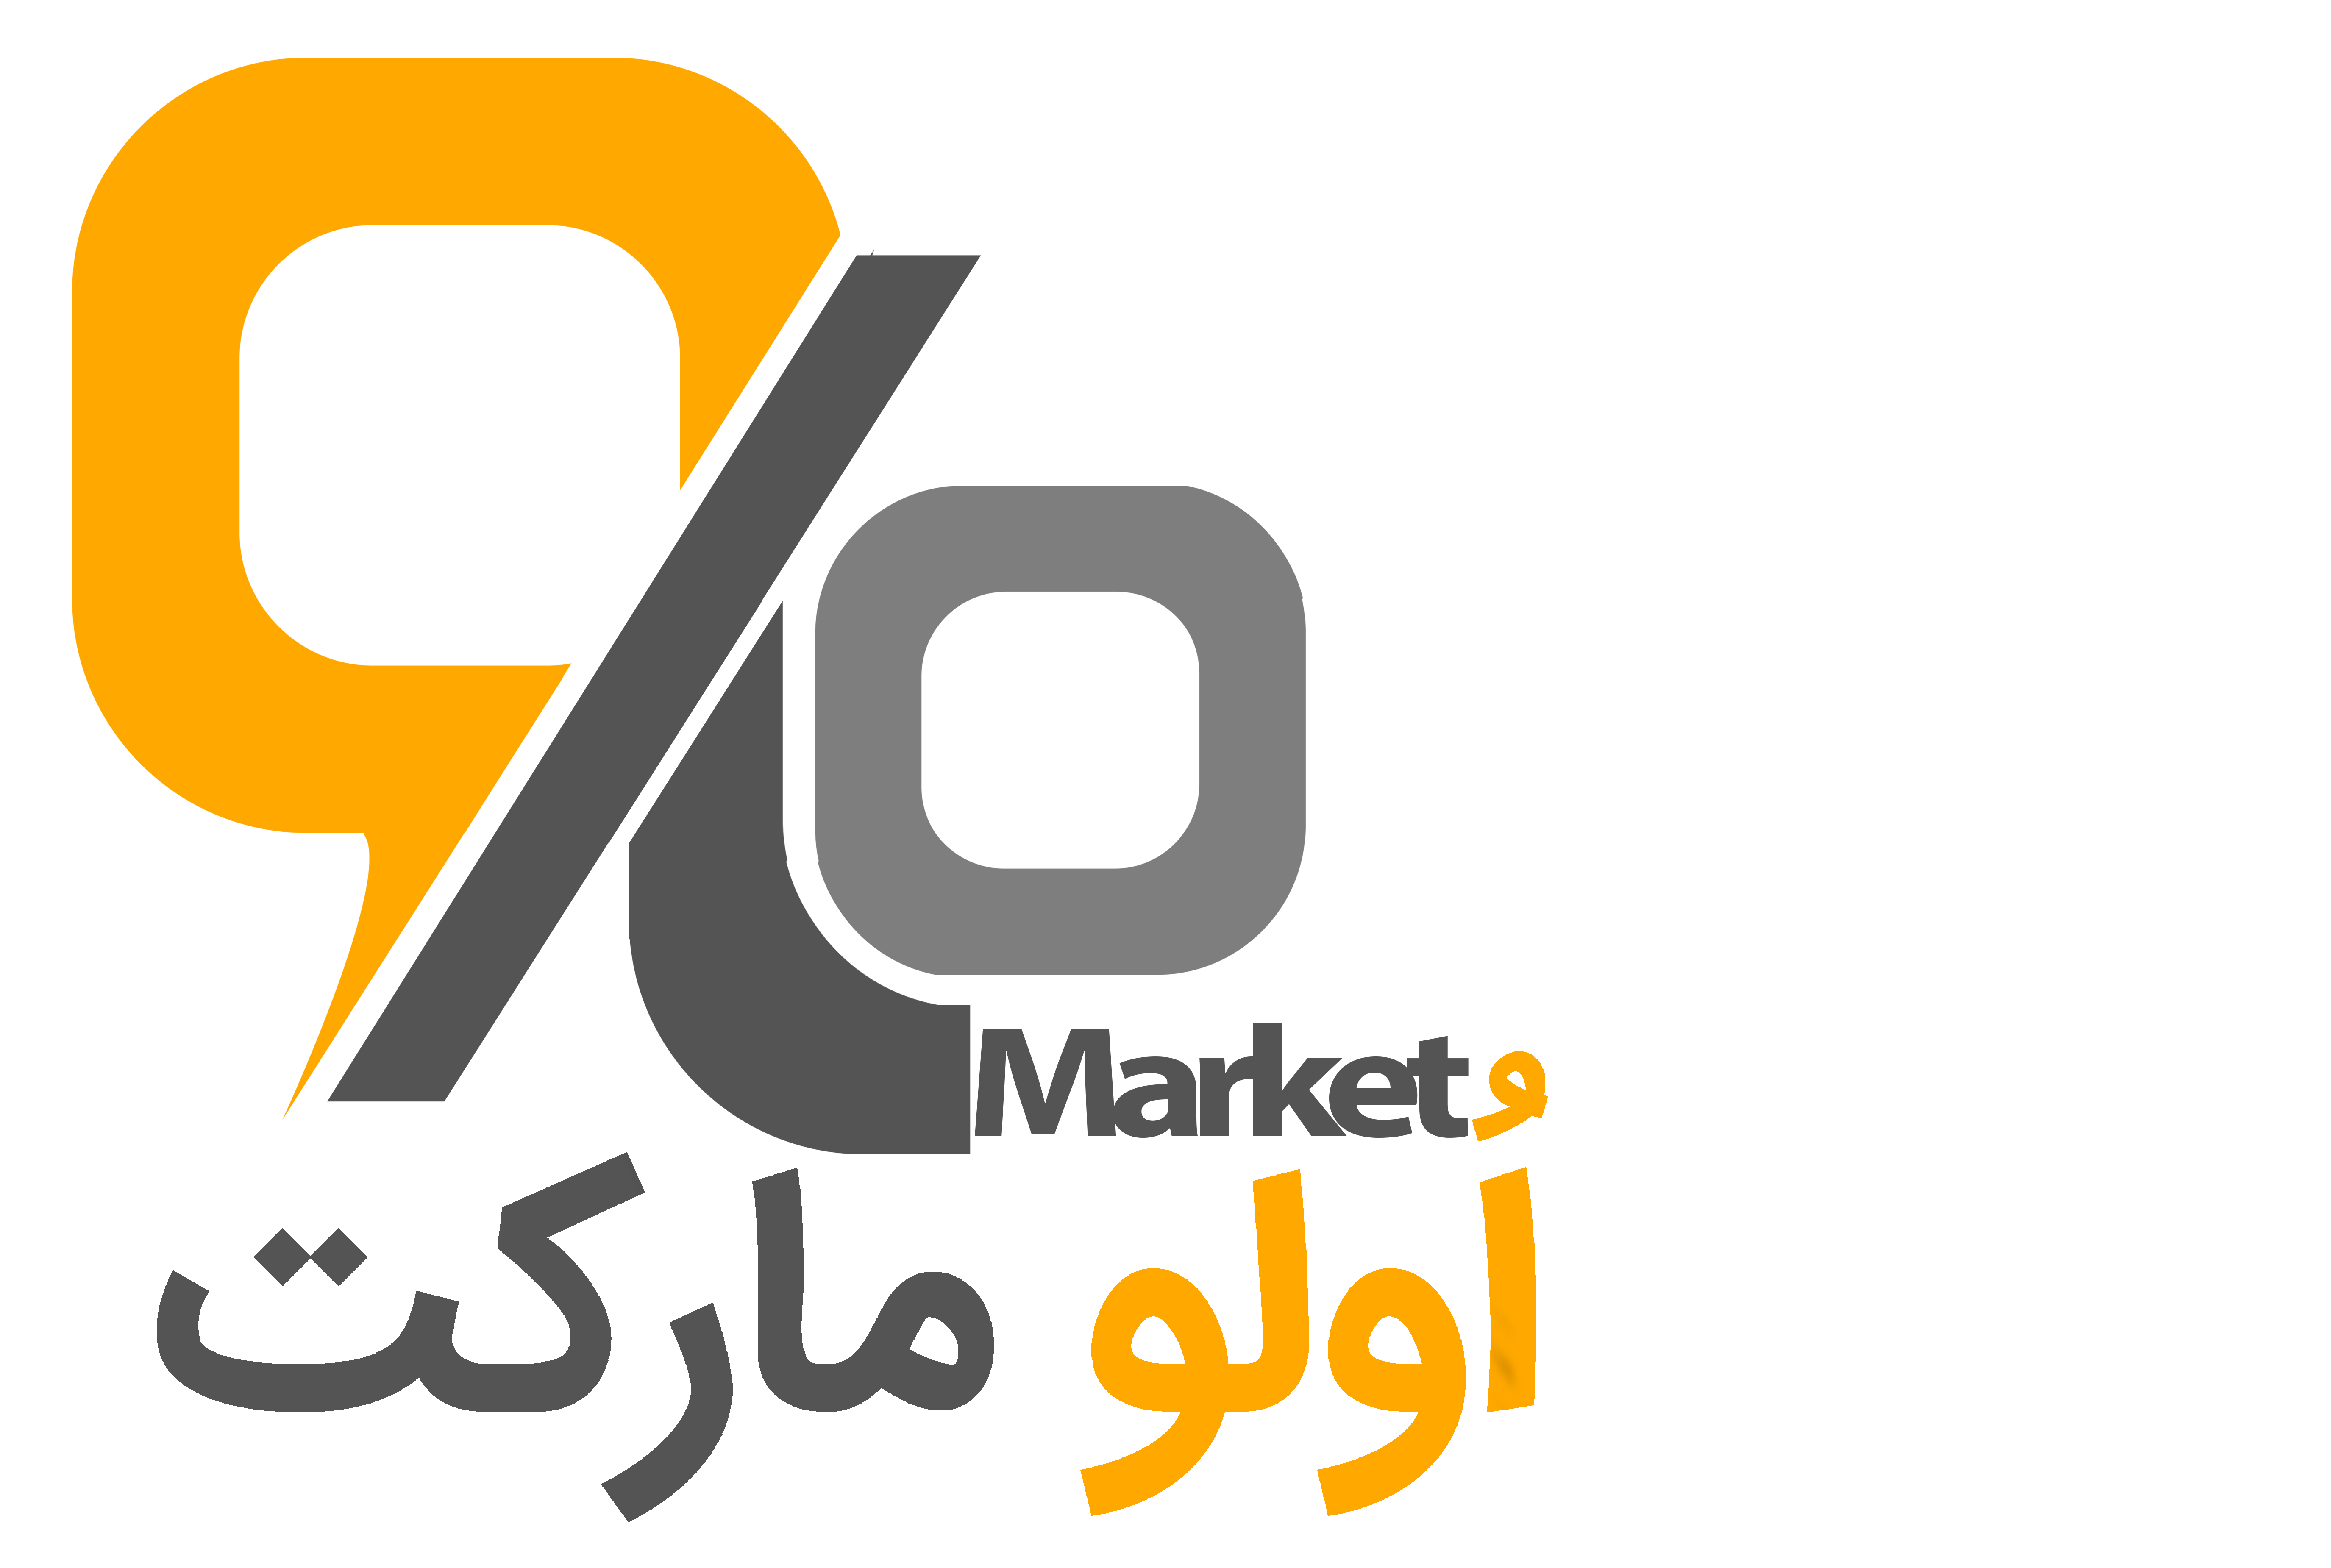 اُولو مارکت | تجربه یک خرید لذت بخش